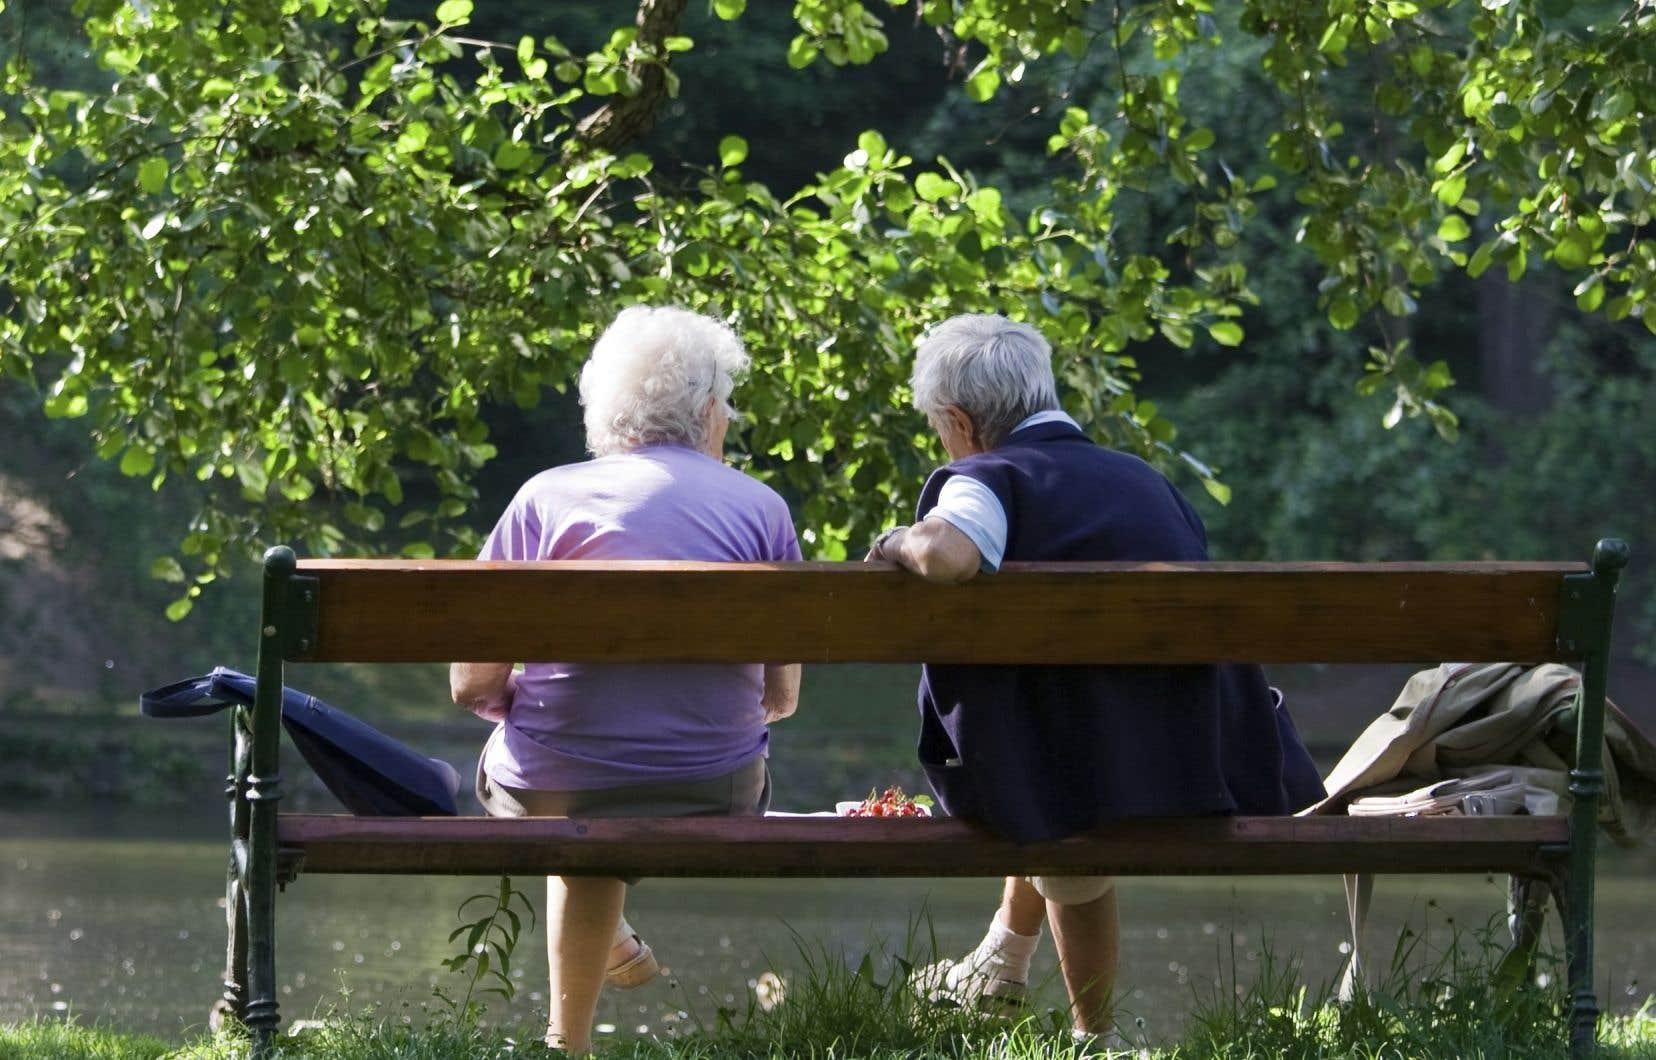 L'exclusion des Canadiens âgés de 65 à 74ans pour cette bonification à venir à suscité «beaucoup d'inquiétudes et de frustrations» chez les principaux intéressés, selonBill VanGorder, de l'Association canadienne des individus retraités.